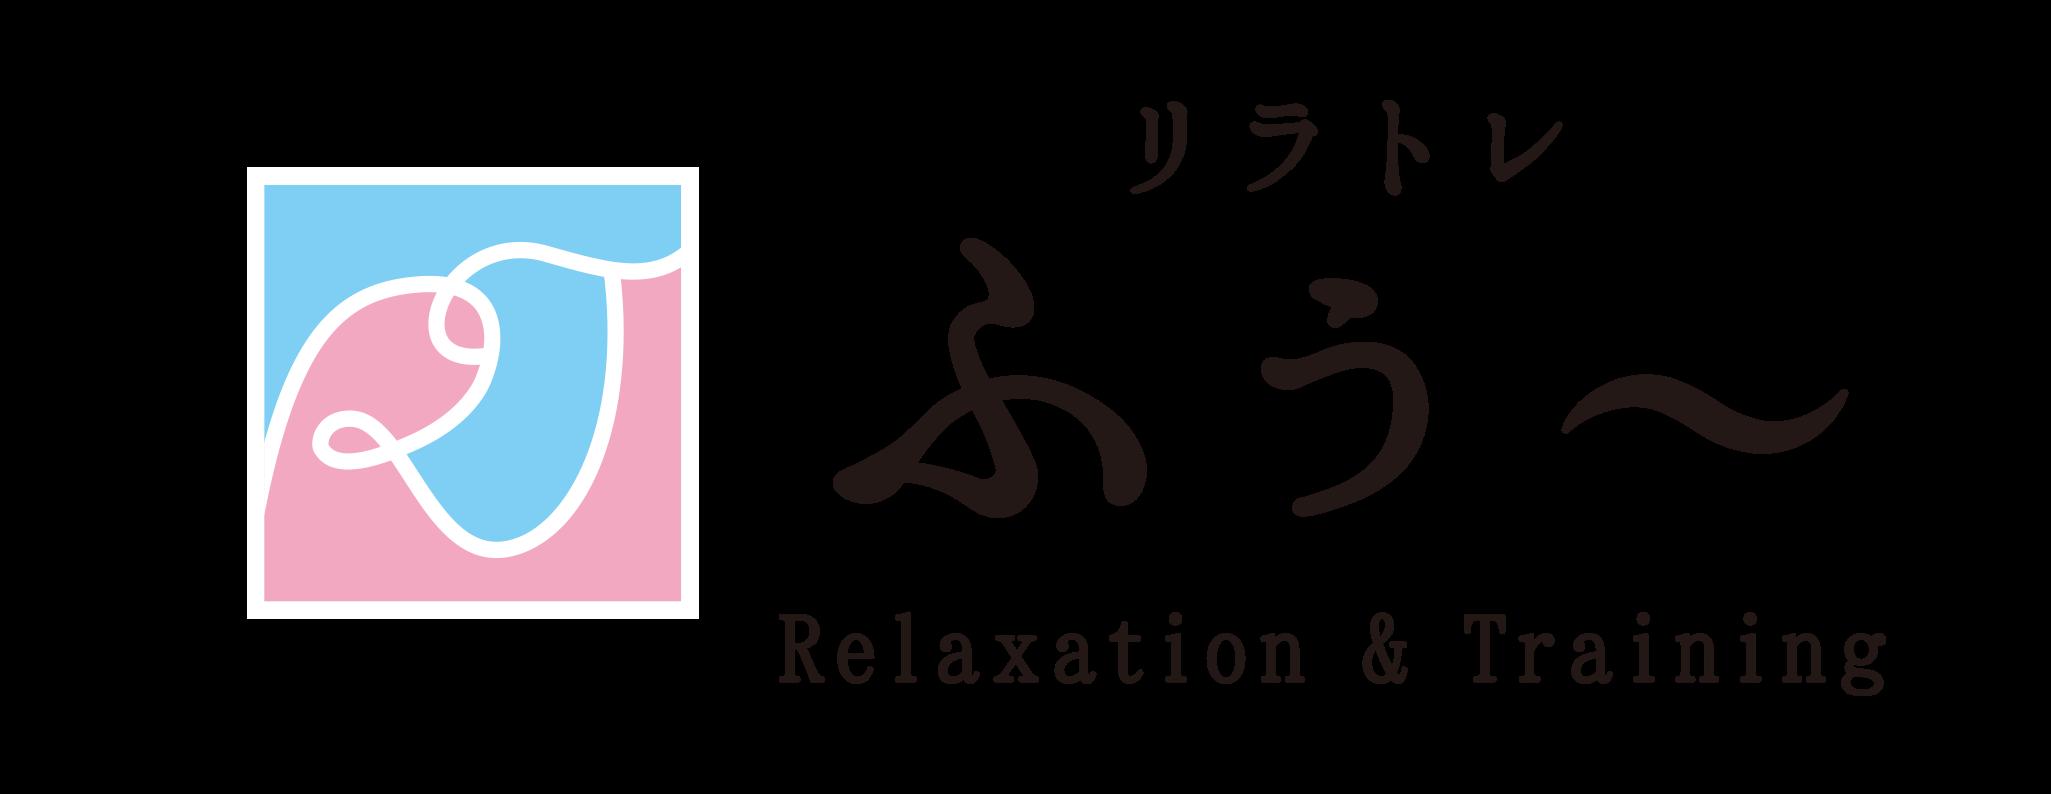 relatrfuu-logo